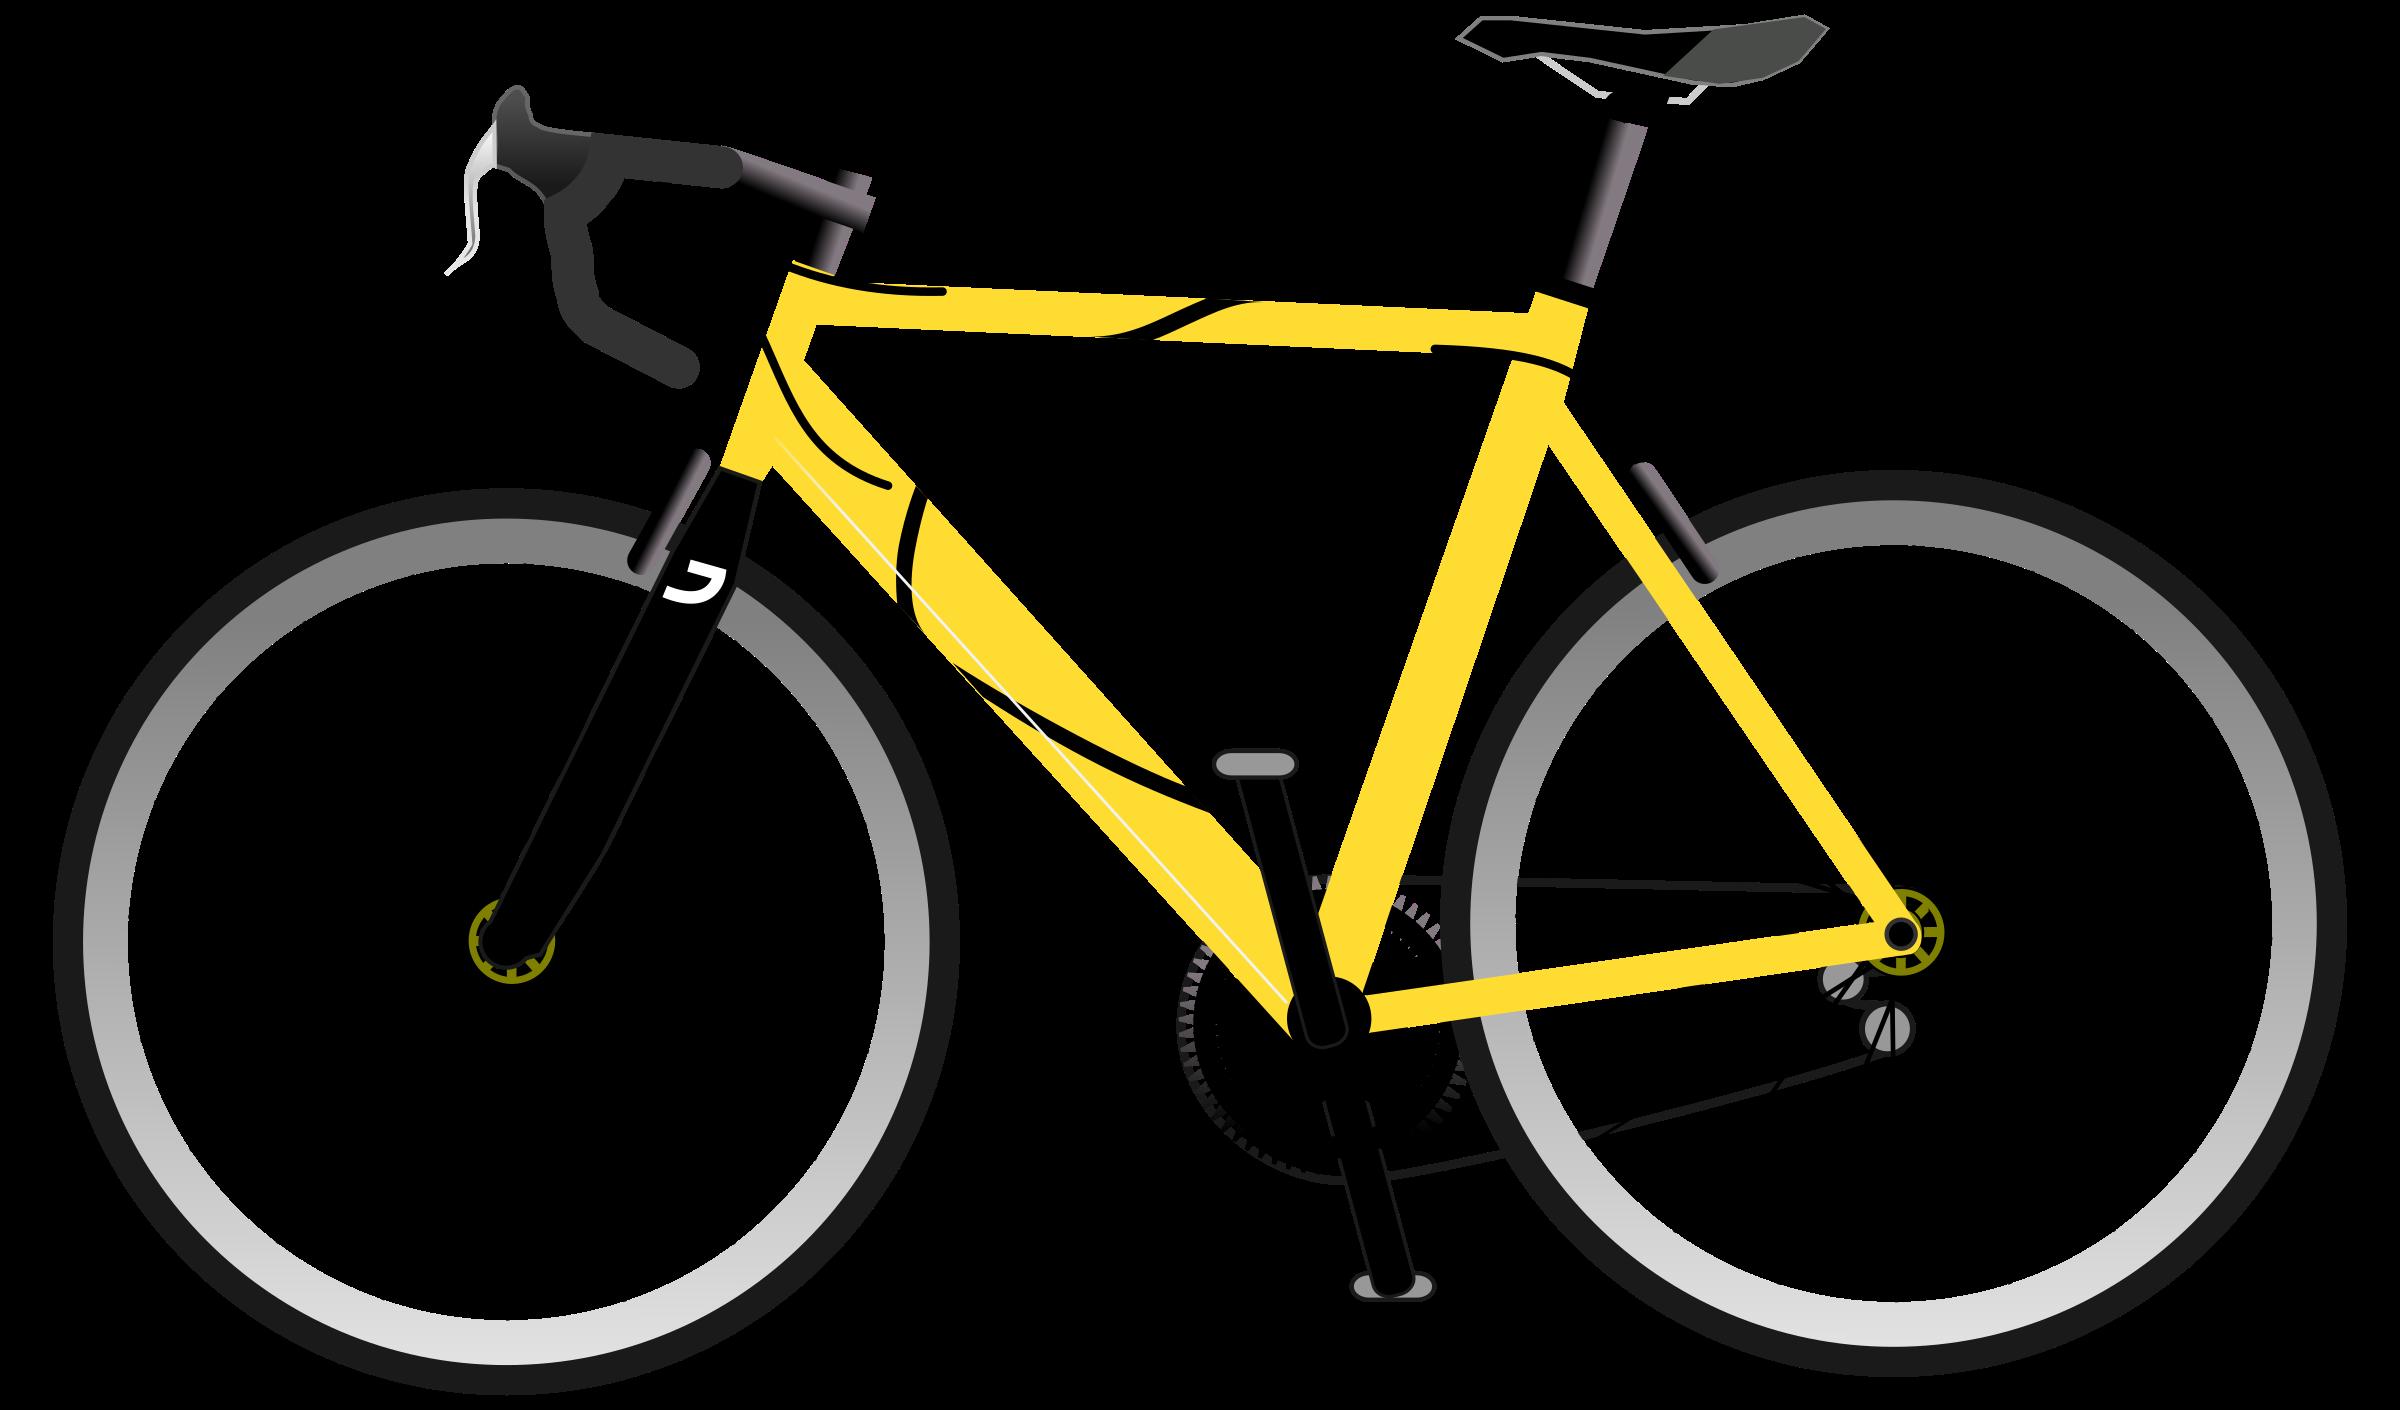 Bike clipart road bike. Silhouette at getdrawings com